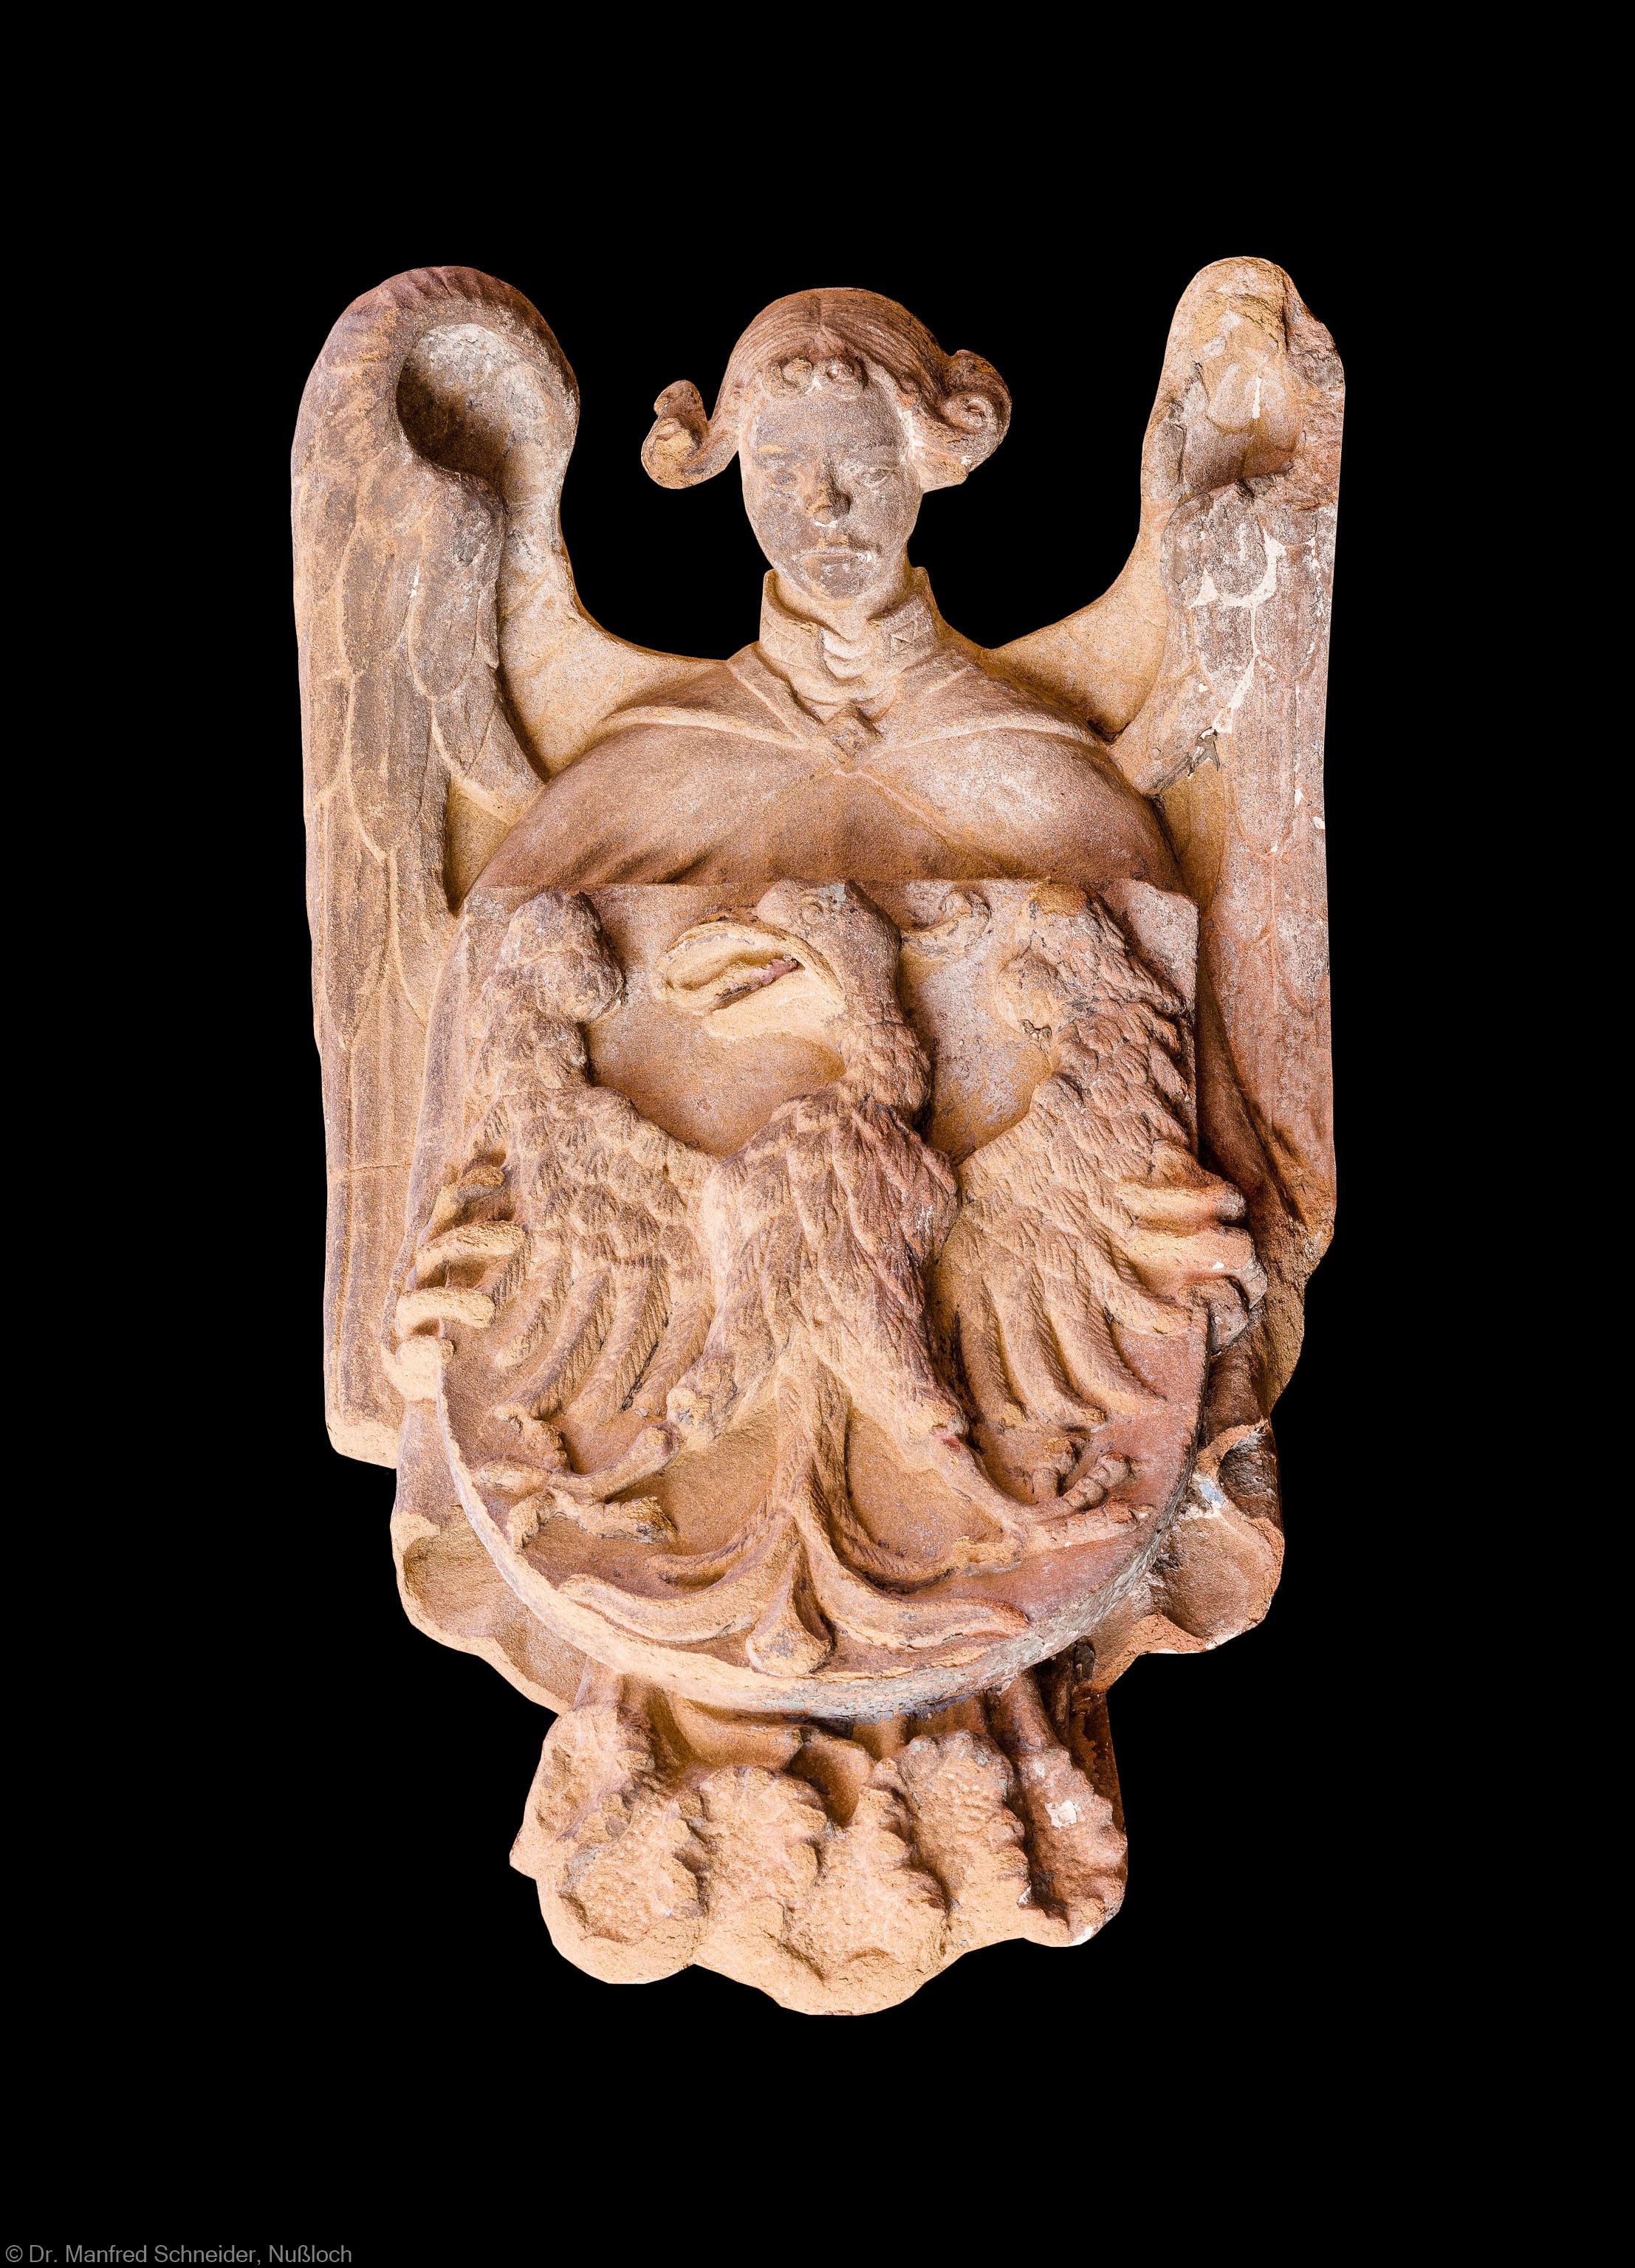 """Heidelberg - Heiliggeistkirche - West-/Hauptportal - Wappen """"Adler, getragen von einem Engel"""" links oben vor der Tür (aufgenommen im August 2013, am Nachmittag)"""